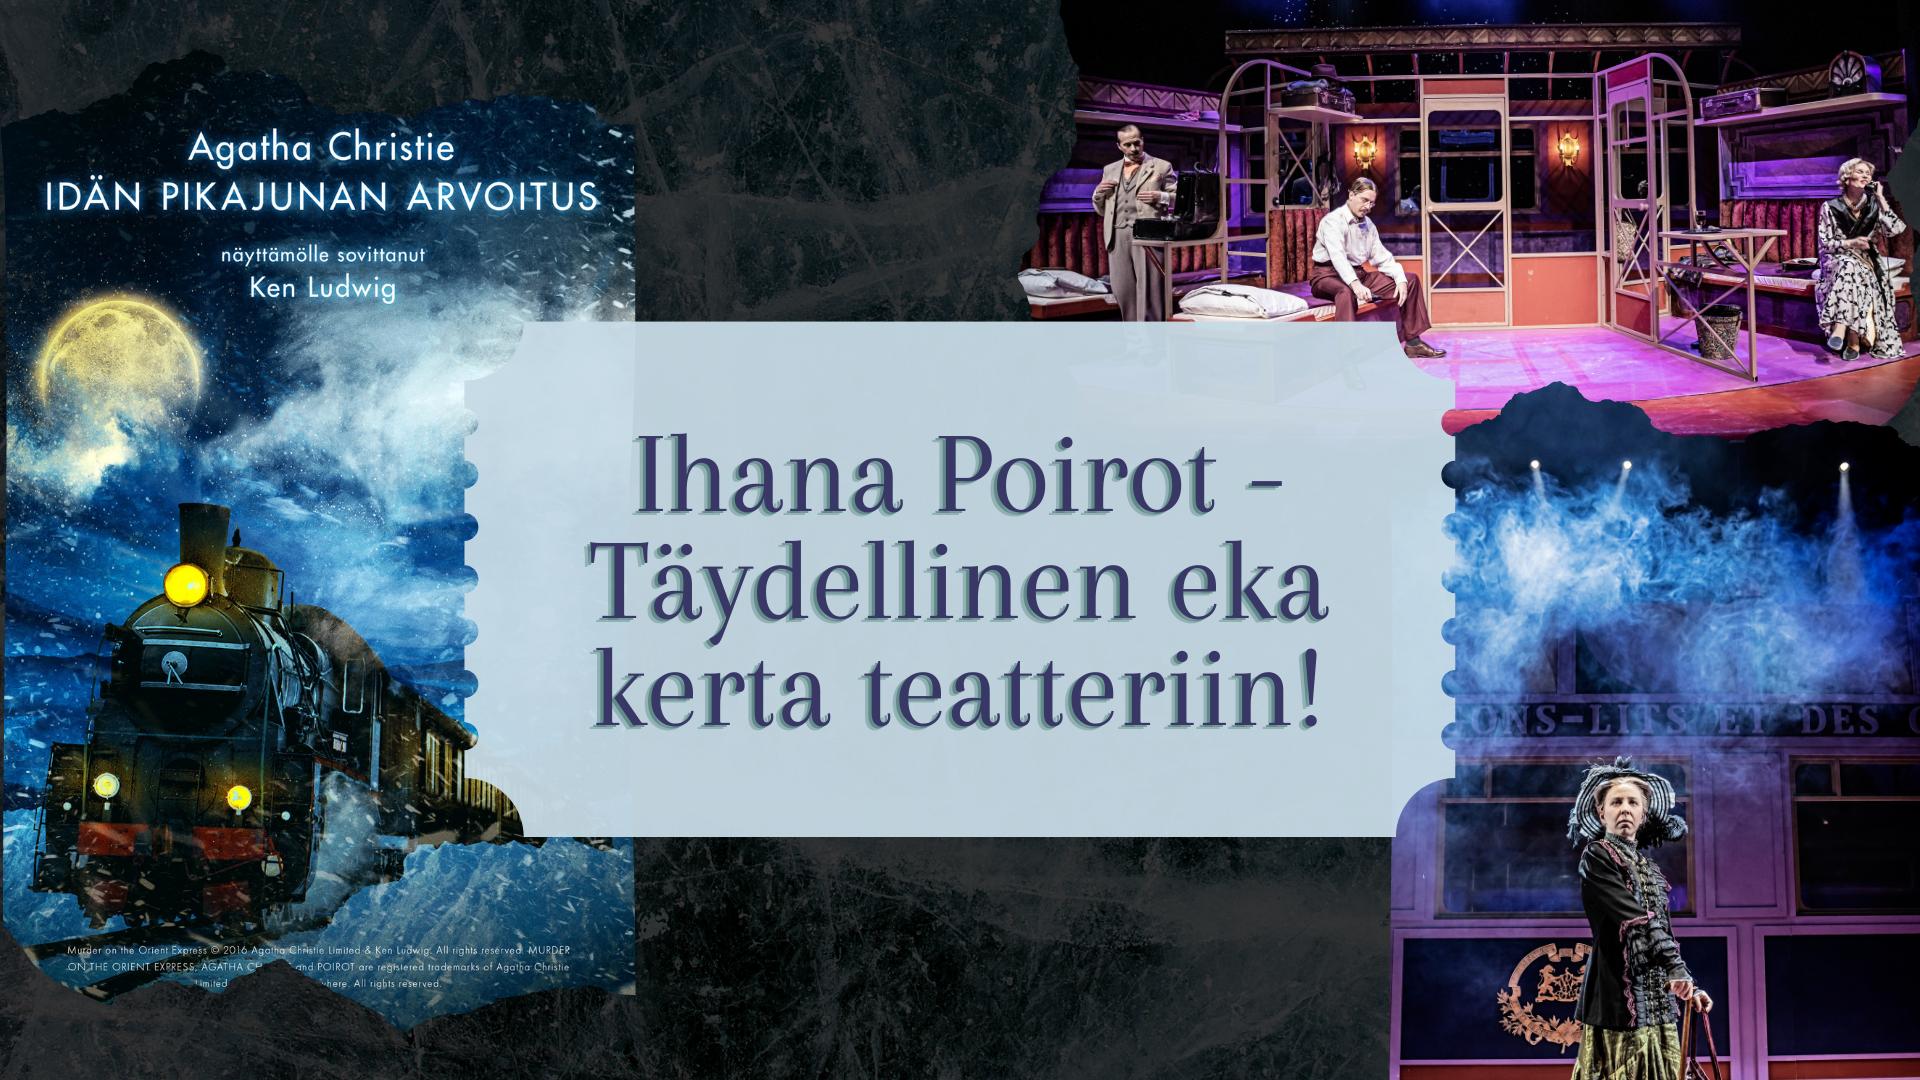 Ihana Poirot - Täydellinen eka kerta teatteriin!